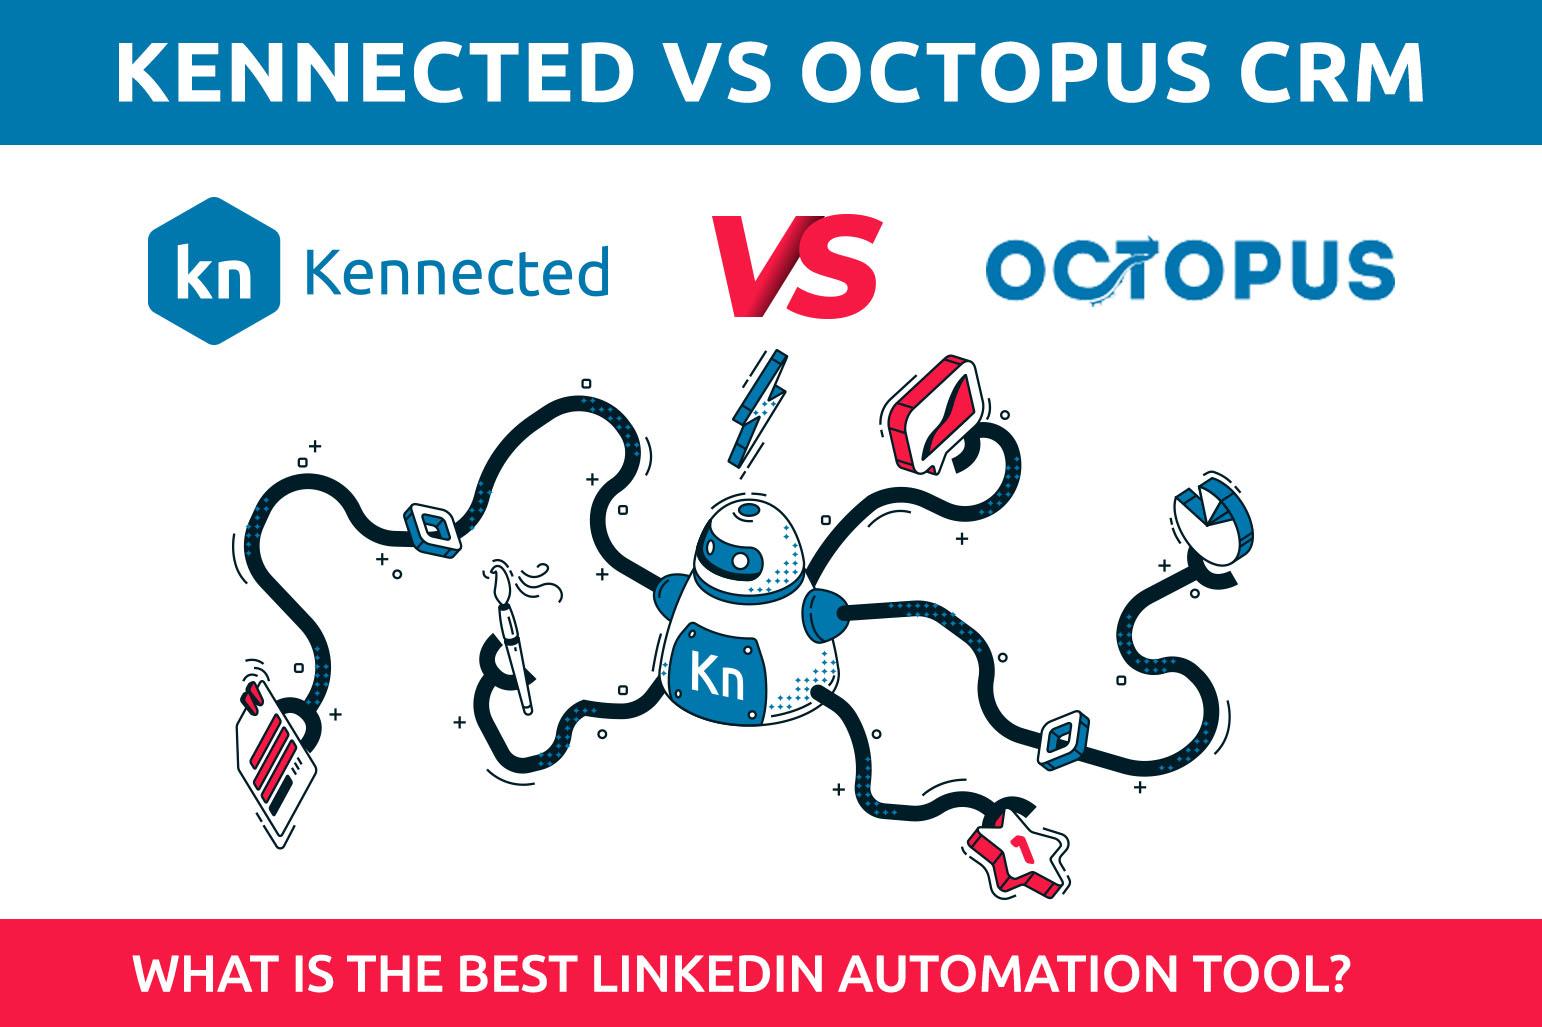 八爪鱼CRM与Kennected:什么是最好的LinkedIn自动化工具?